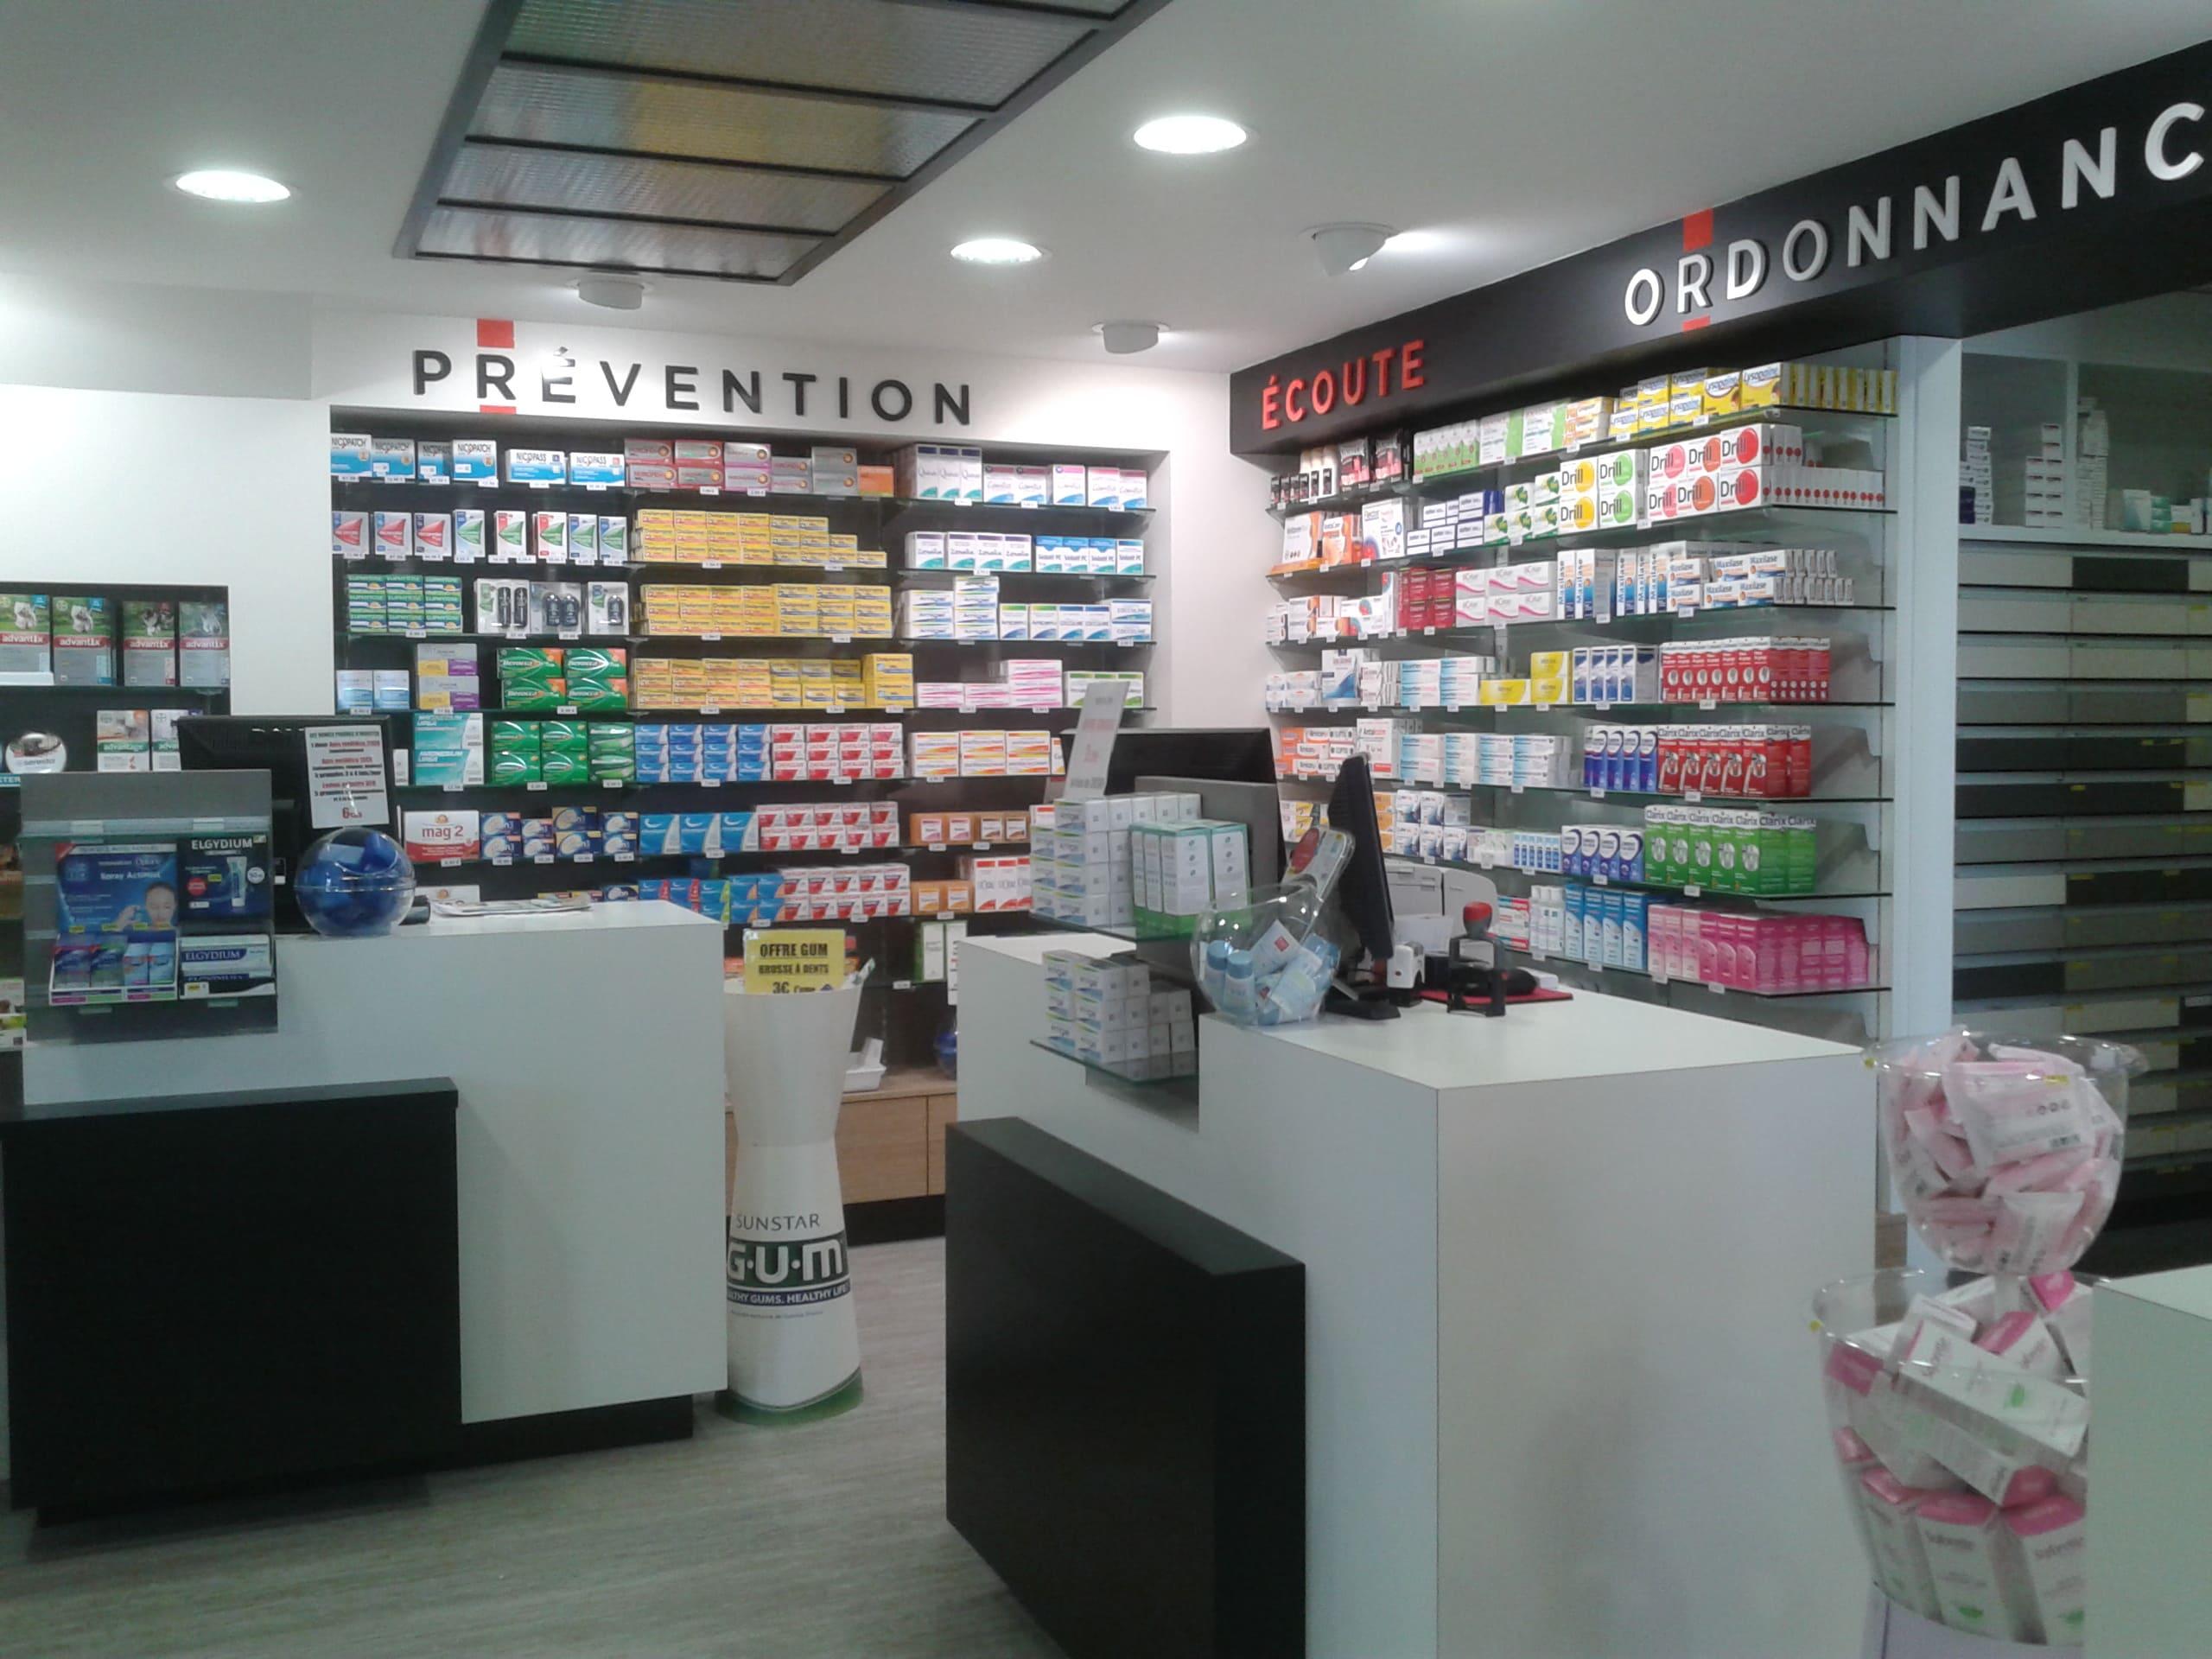 Espace ordonnance de la pharmacie de la Renaudié à Albi agencé par SAFRA Agencement